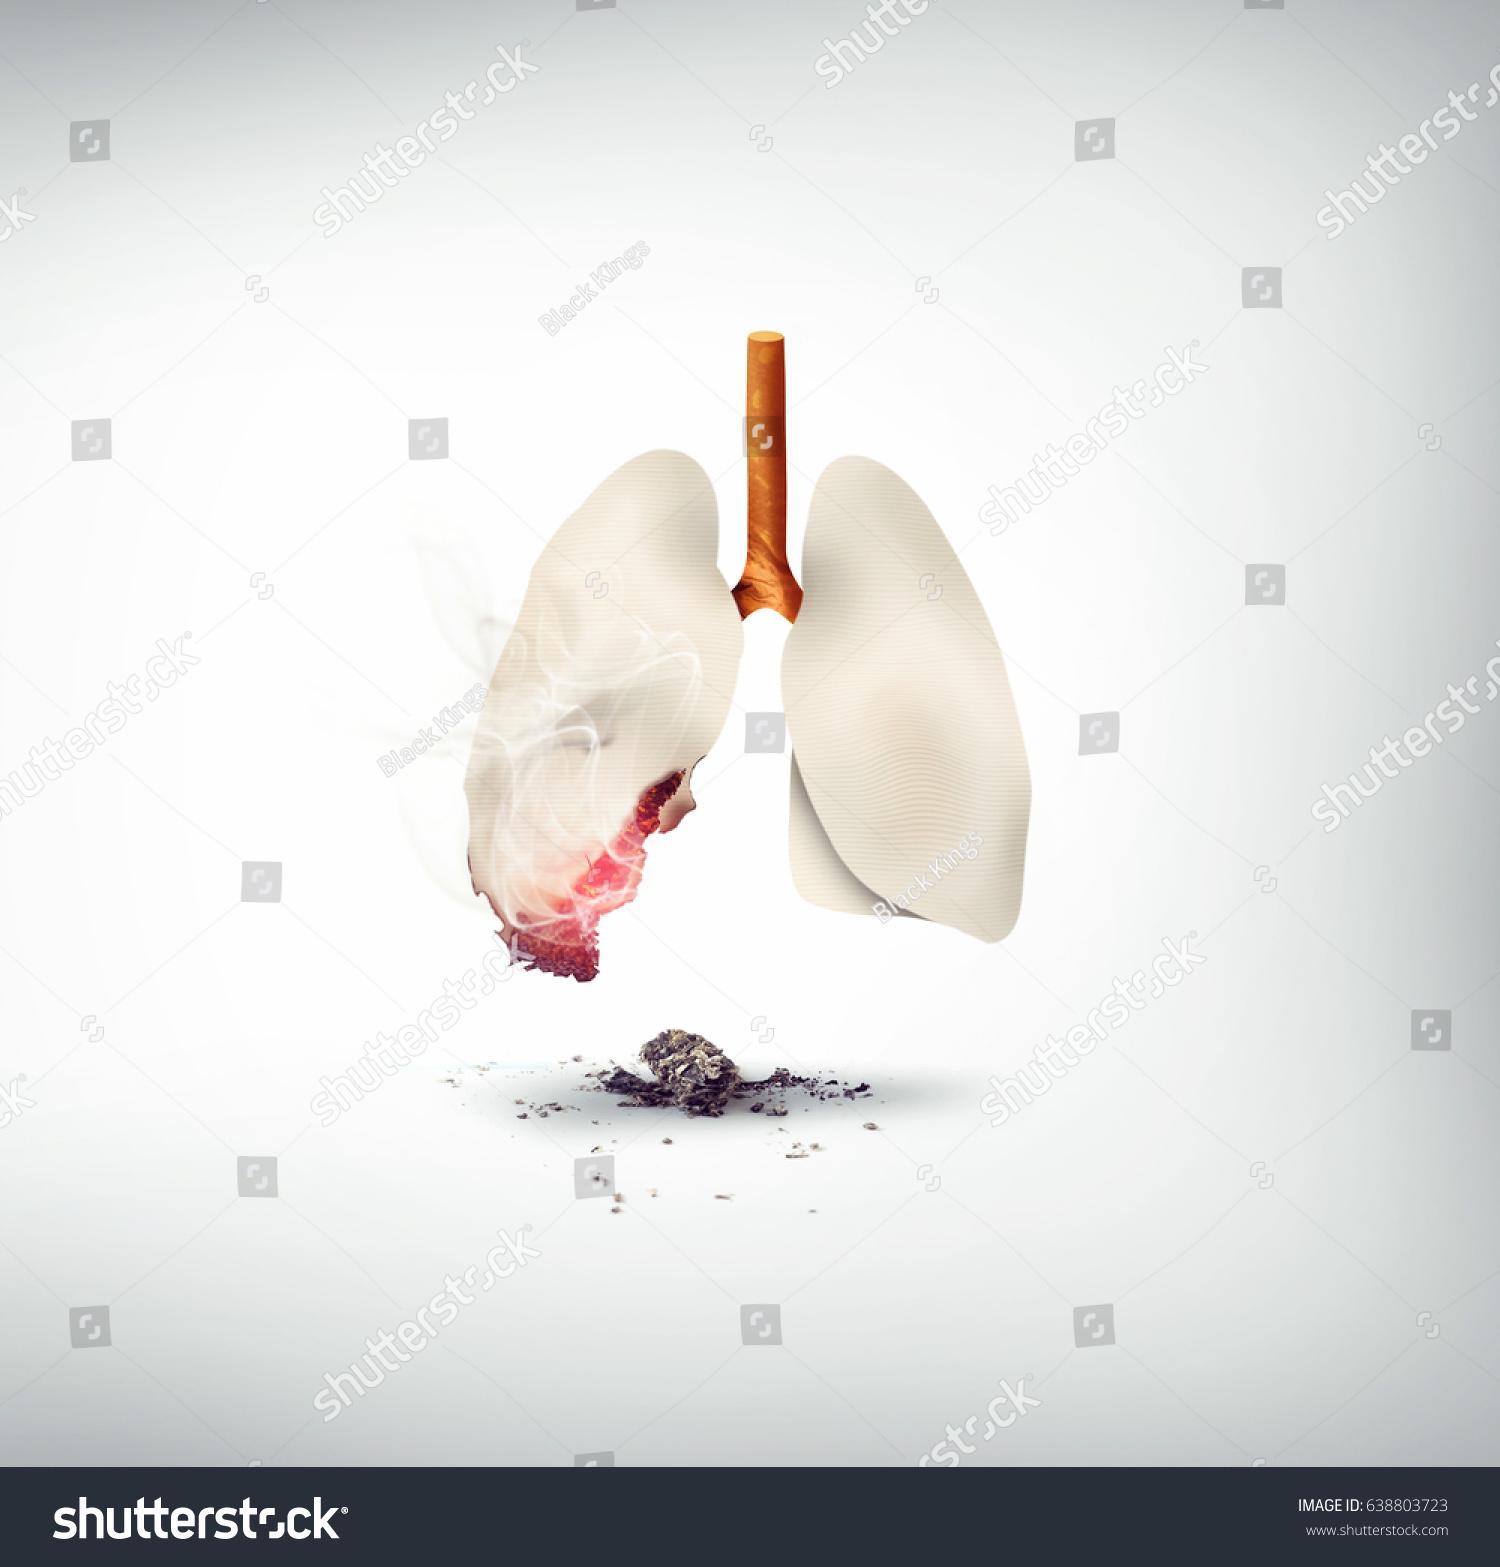 smoking made